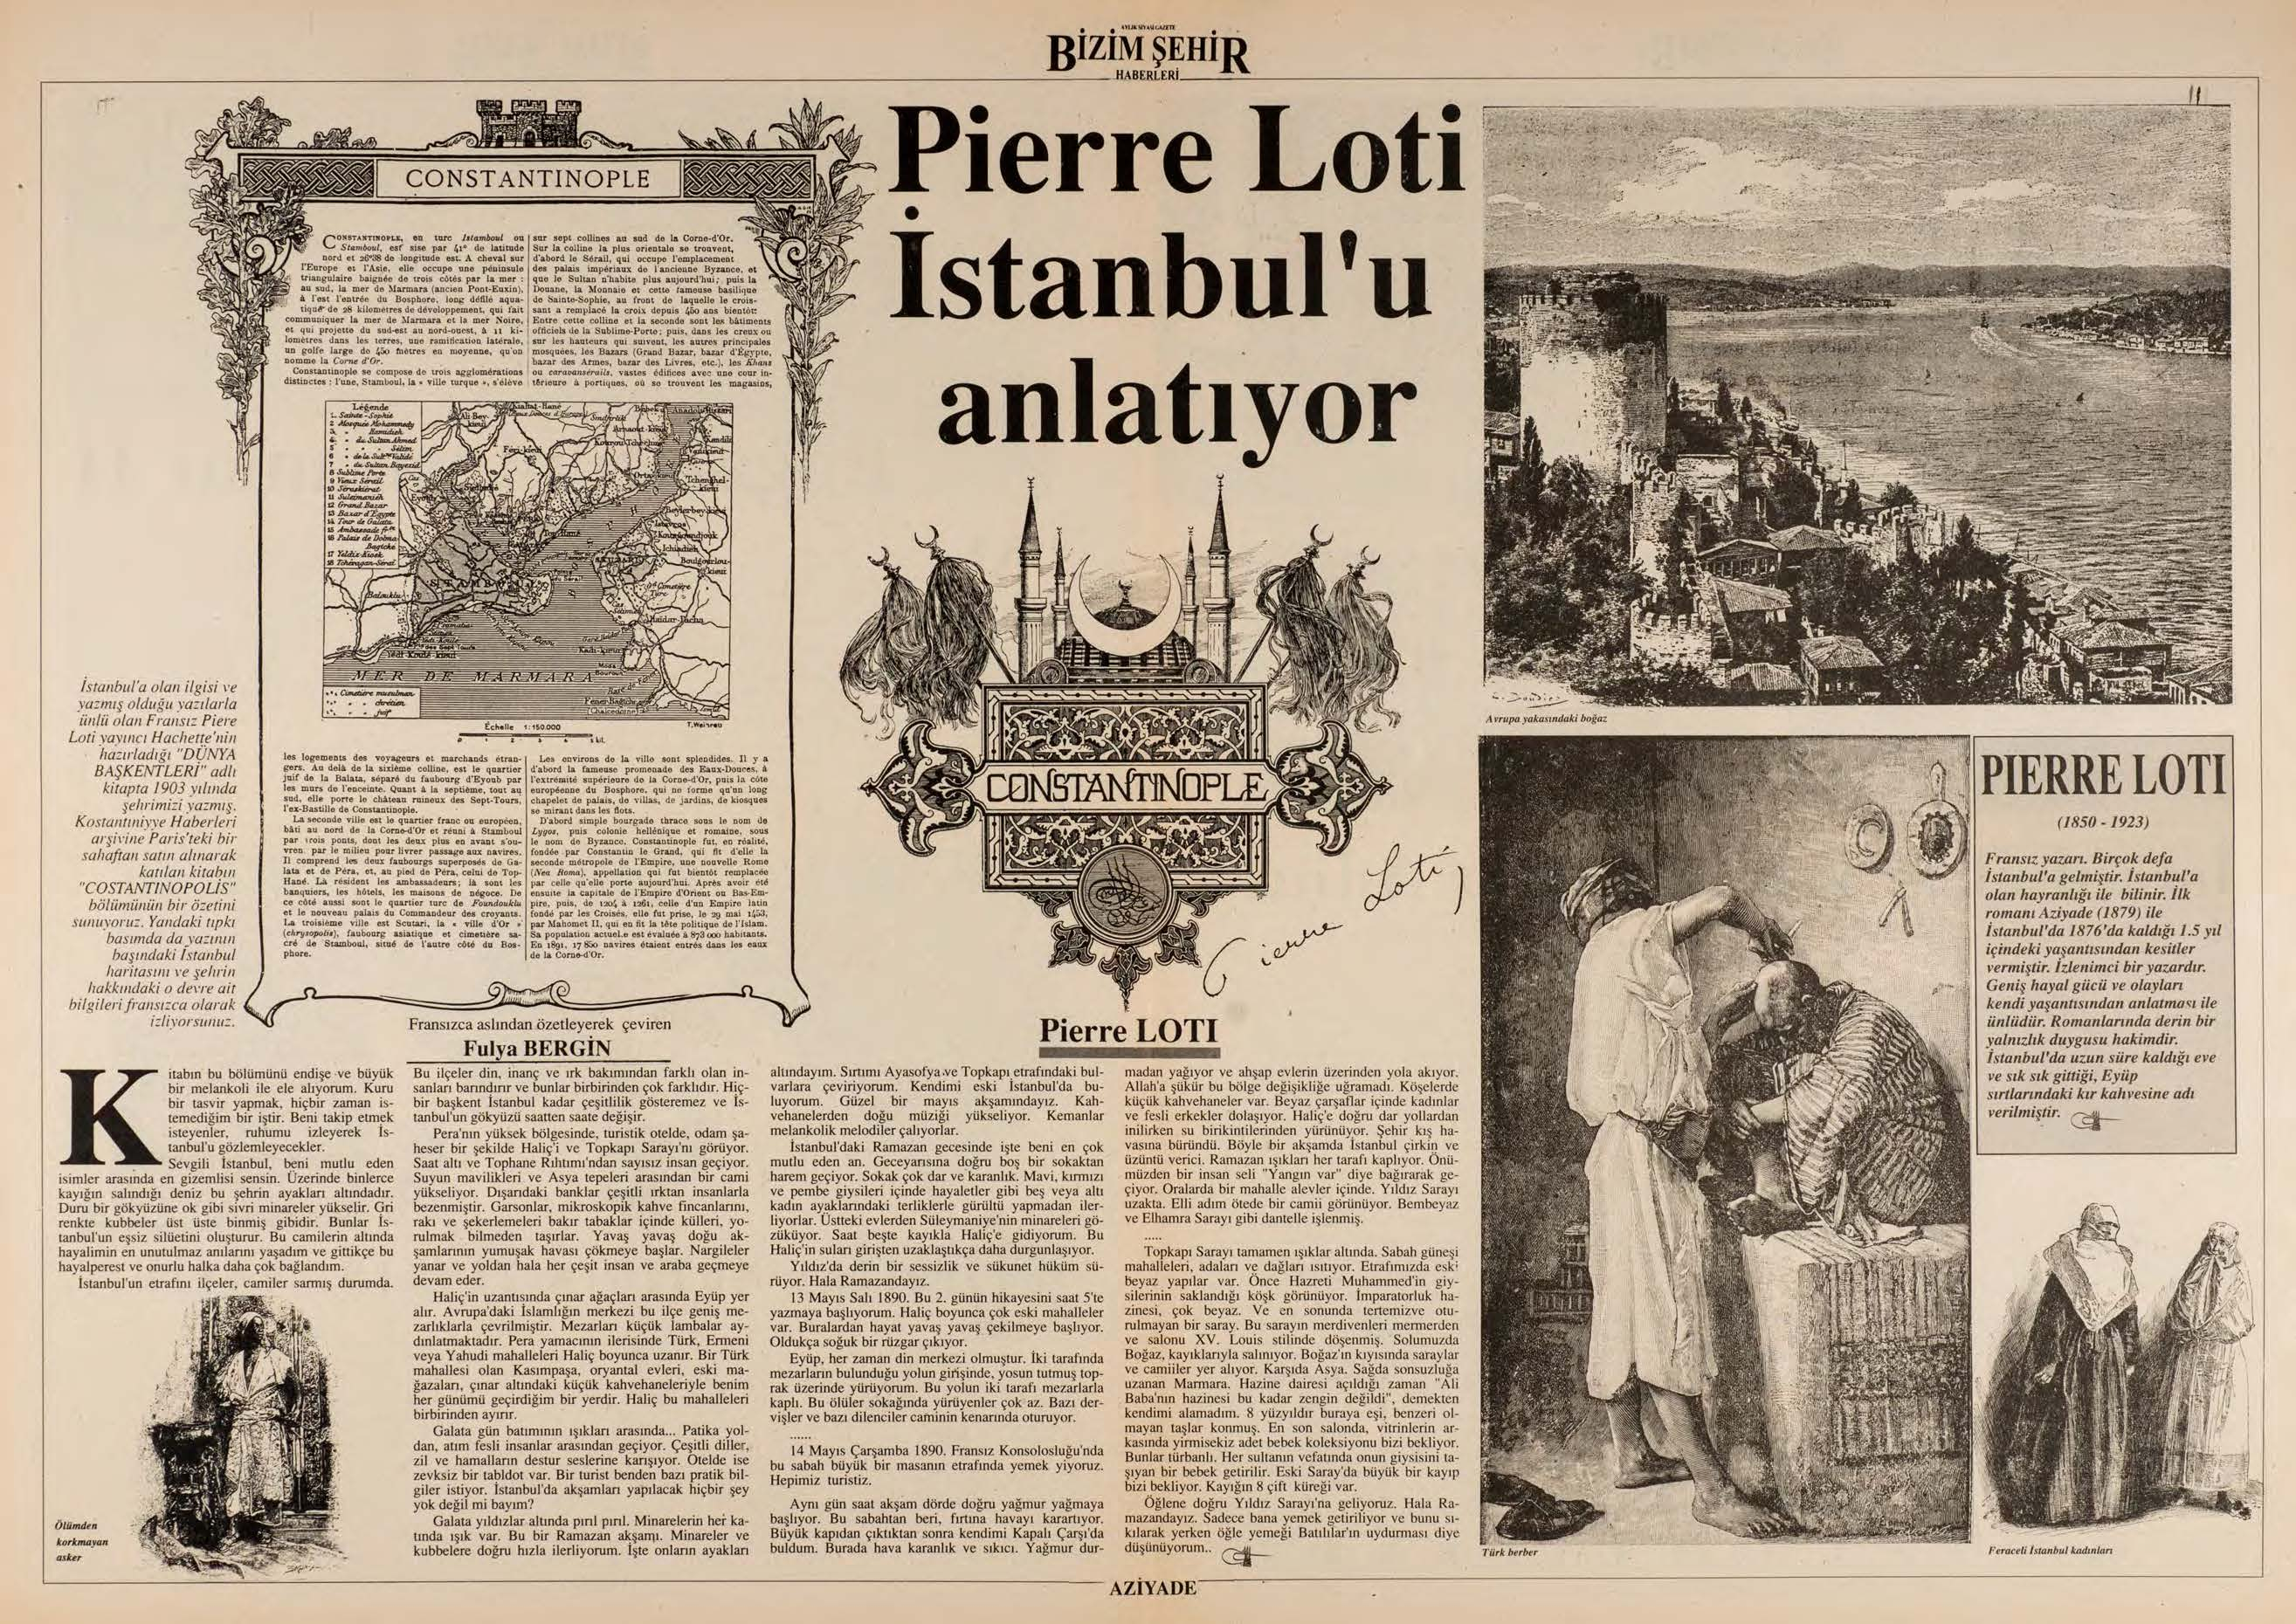 Pierre Loti İstanbul'u anlatıyor